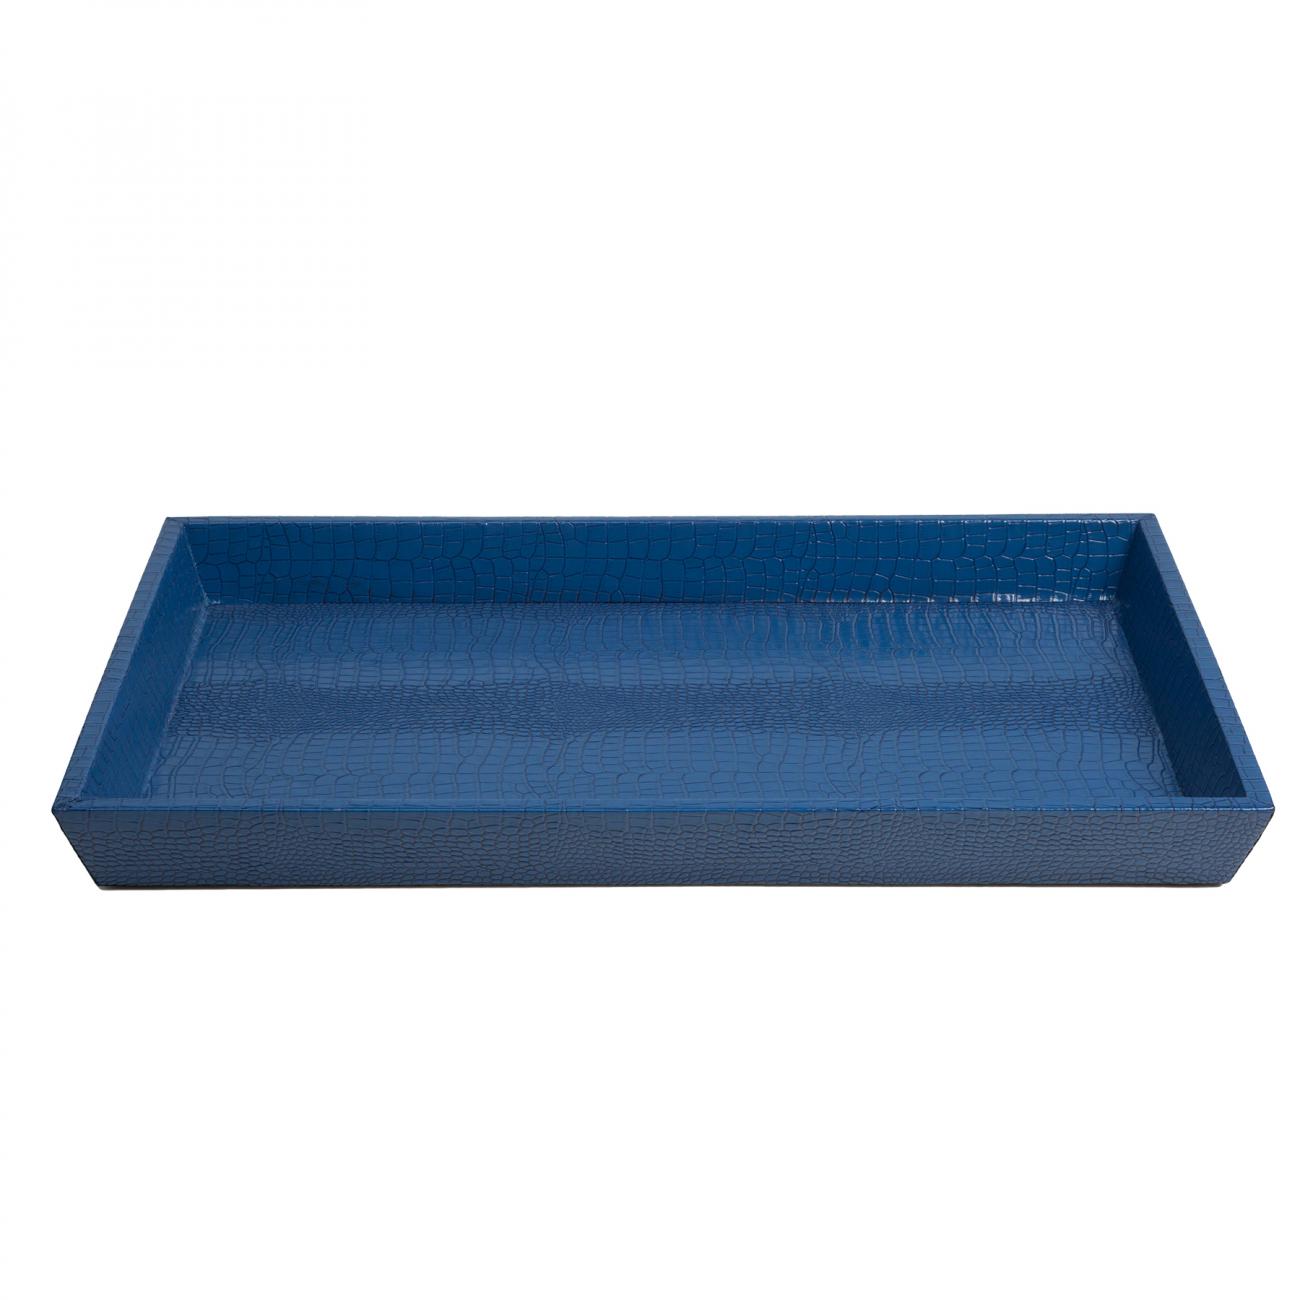 Купить Декоративный поднос Kalipso Синий в интернет магазине дизайнерской мебели и аксессуаров для дома и дачи